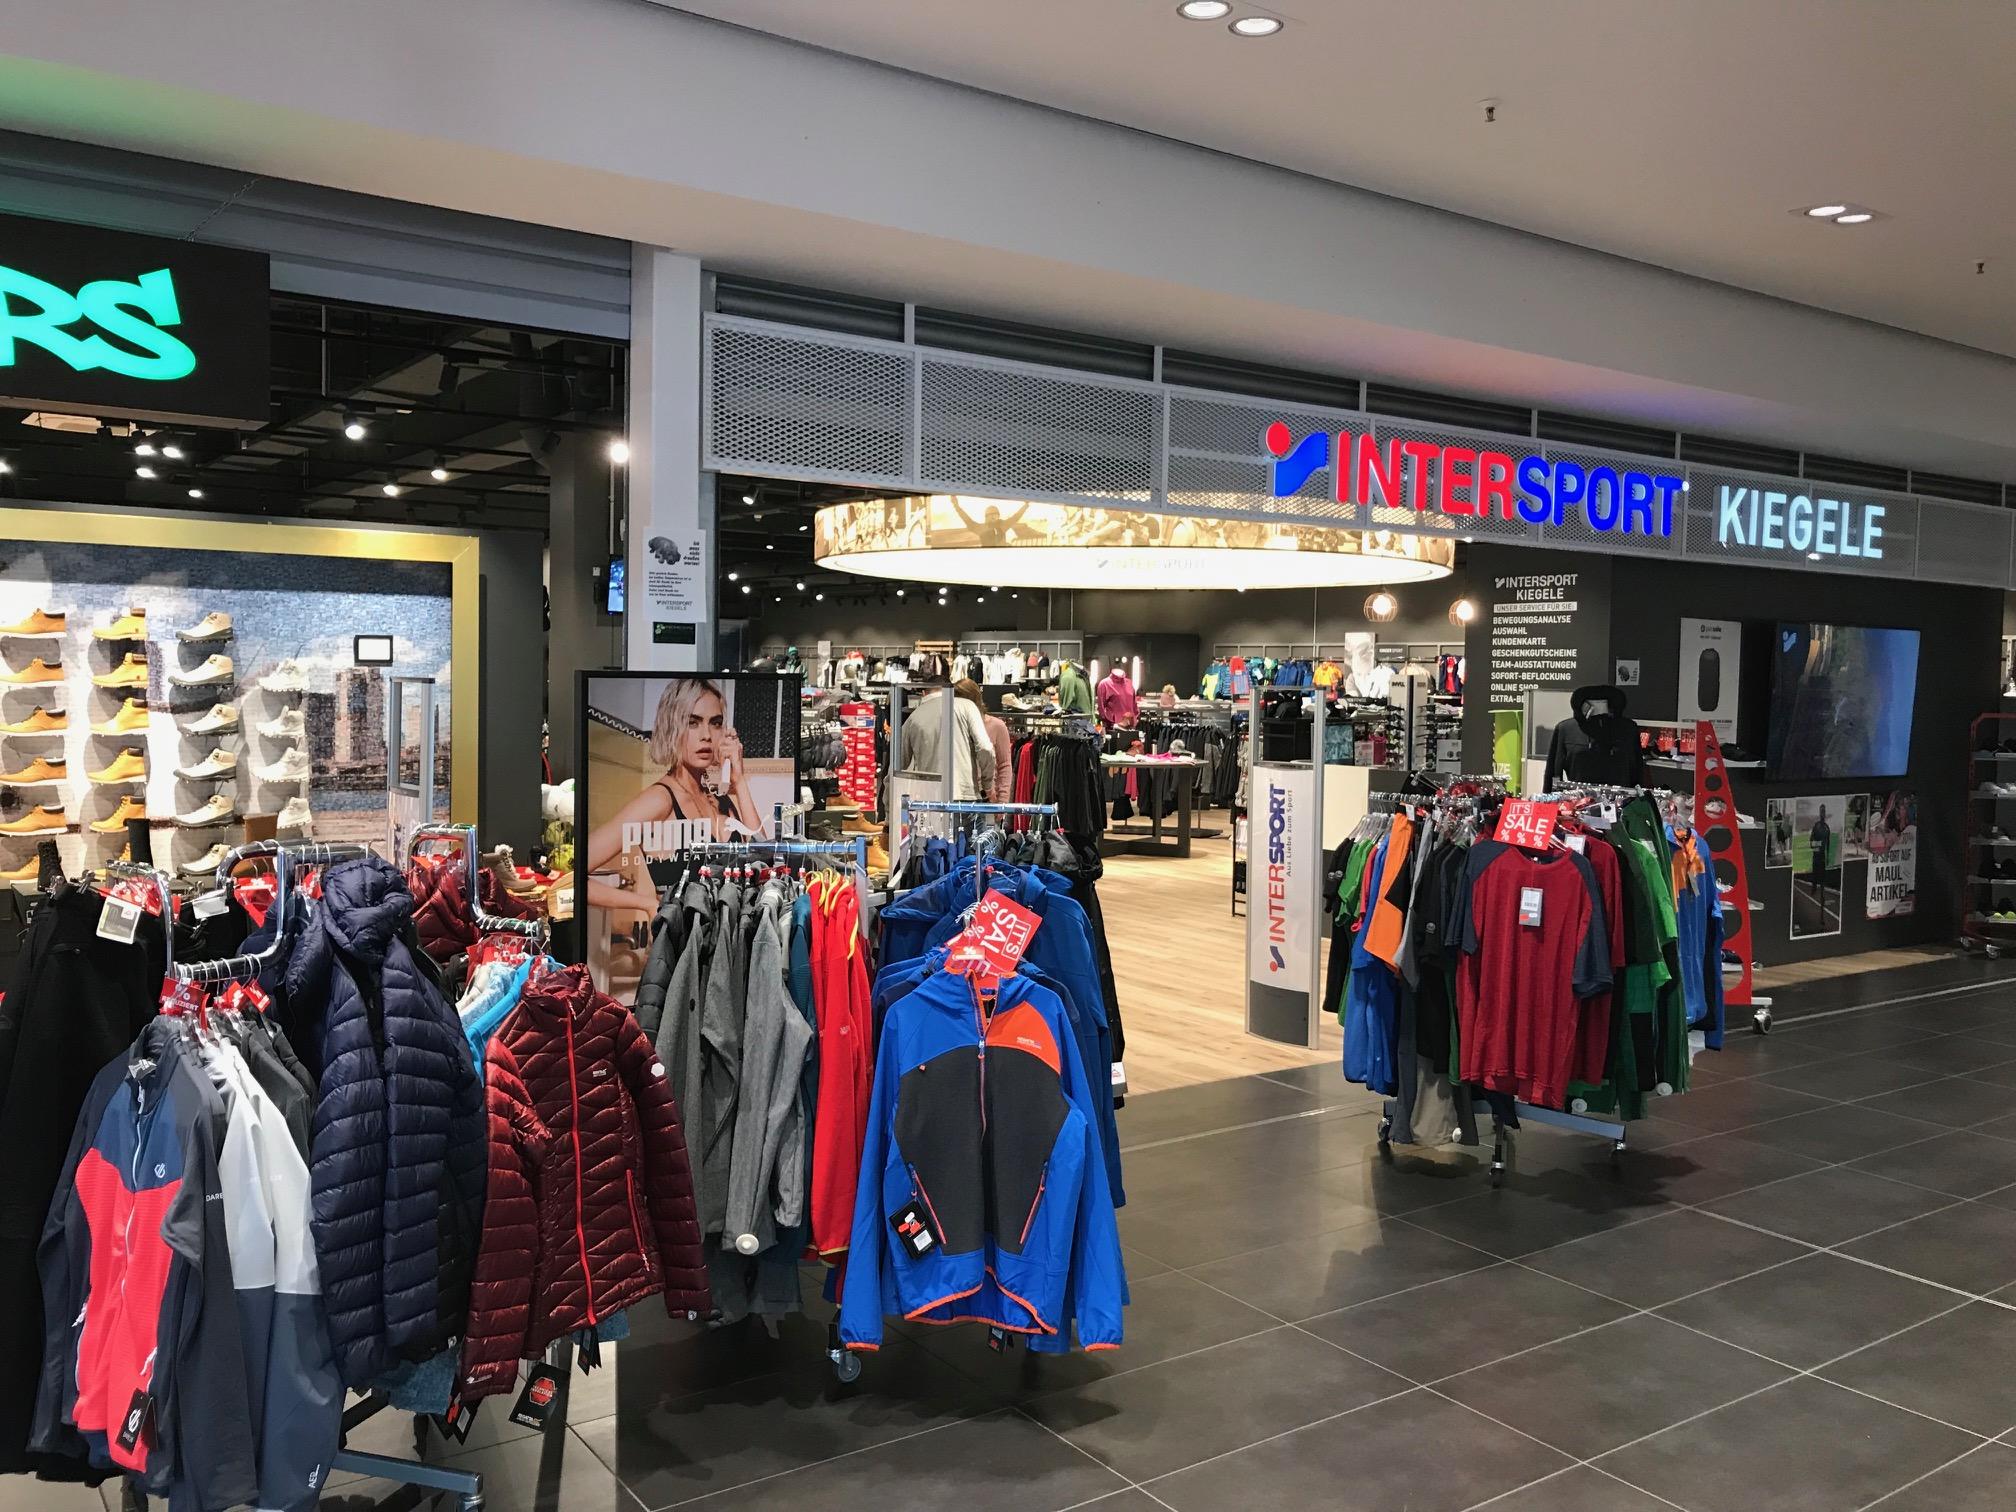 INTERSPORT KIEGELE: Sportgeschäft in Mainz